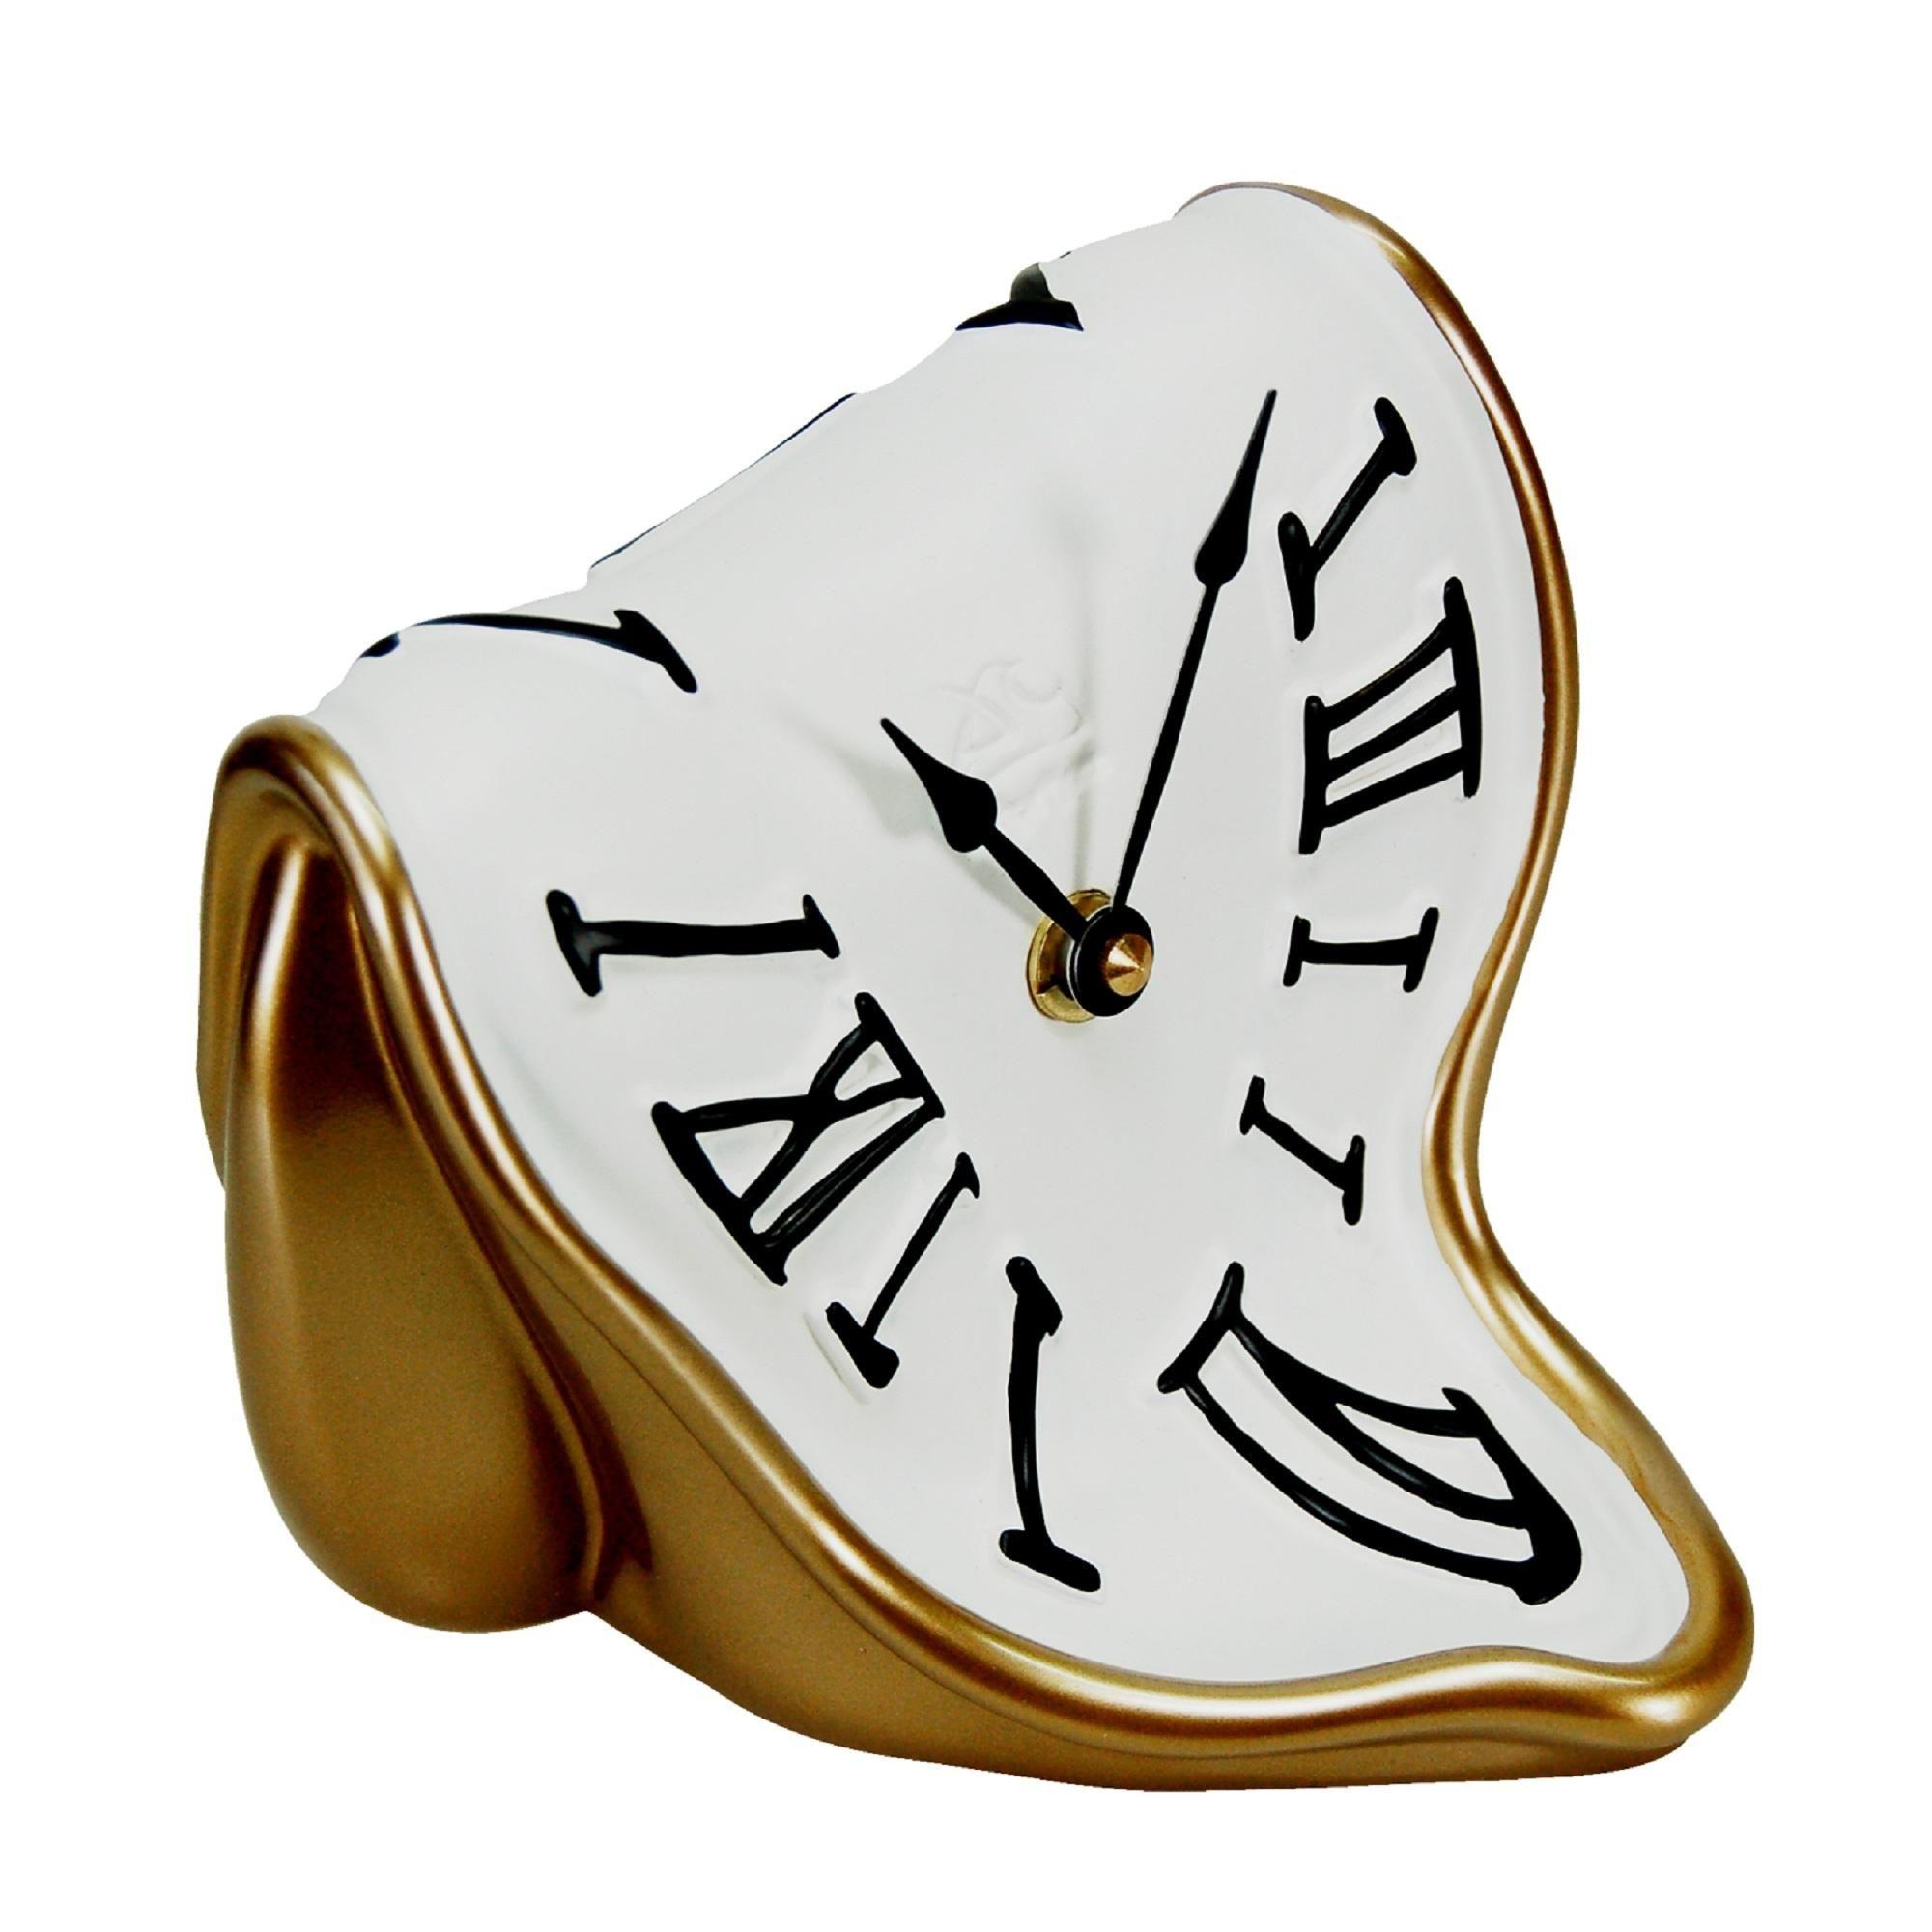 clock dream meaning, dream about clock, clock dream interpretation, seeing in a dream clock